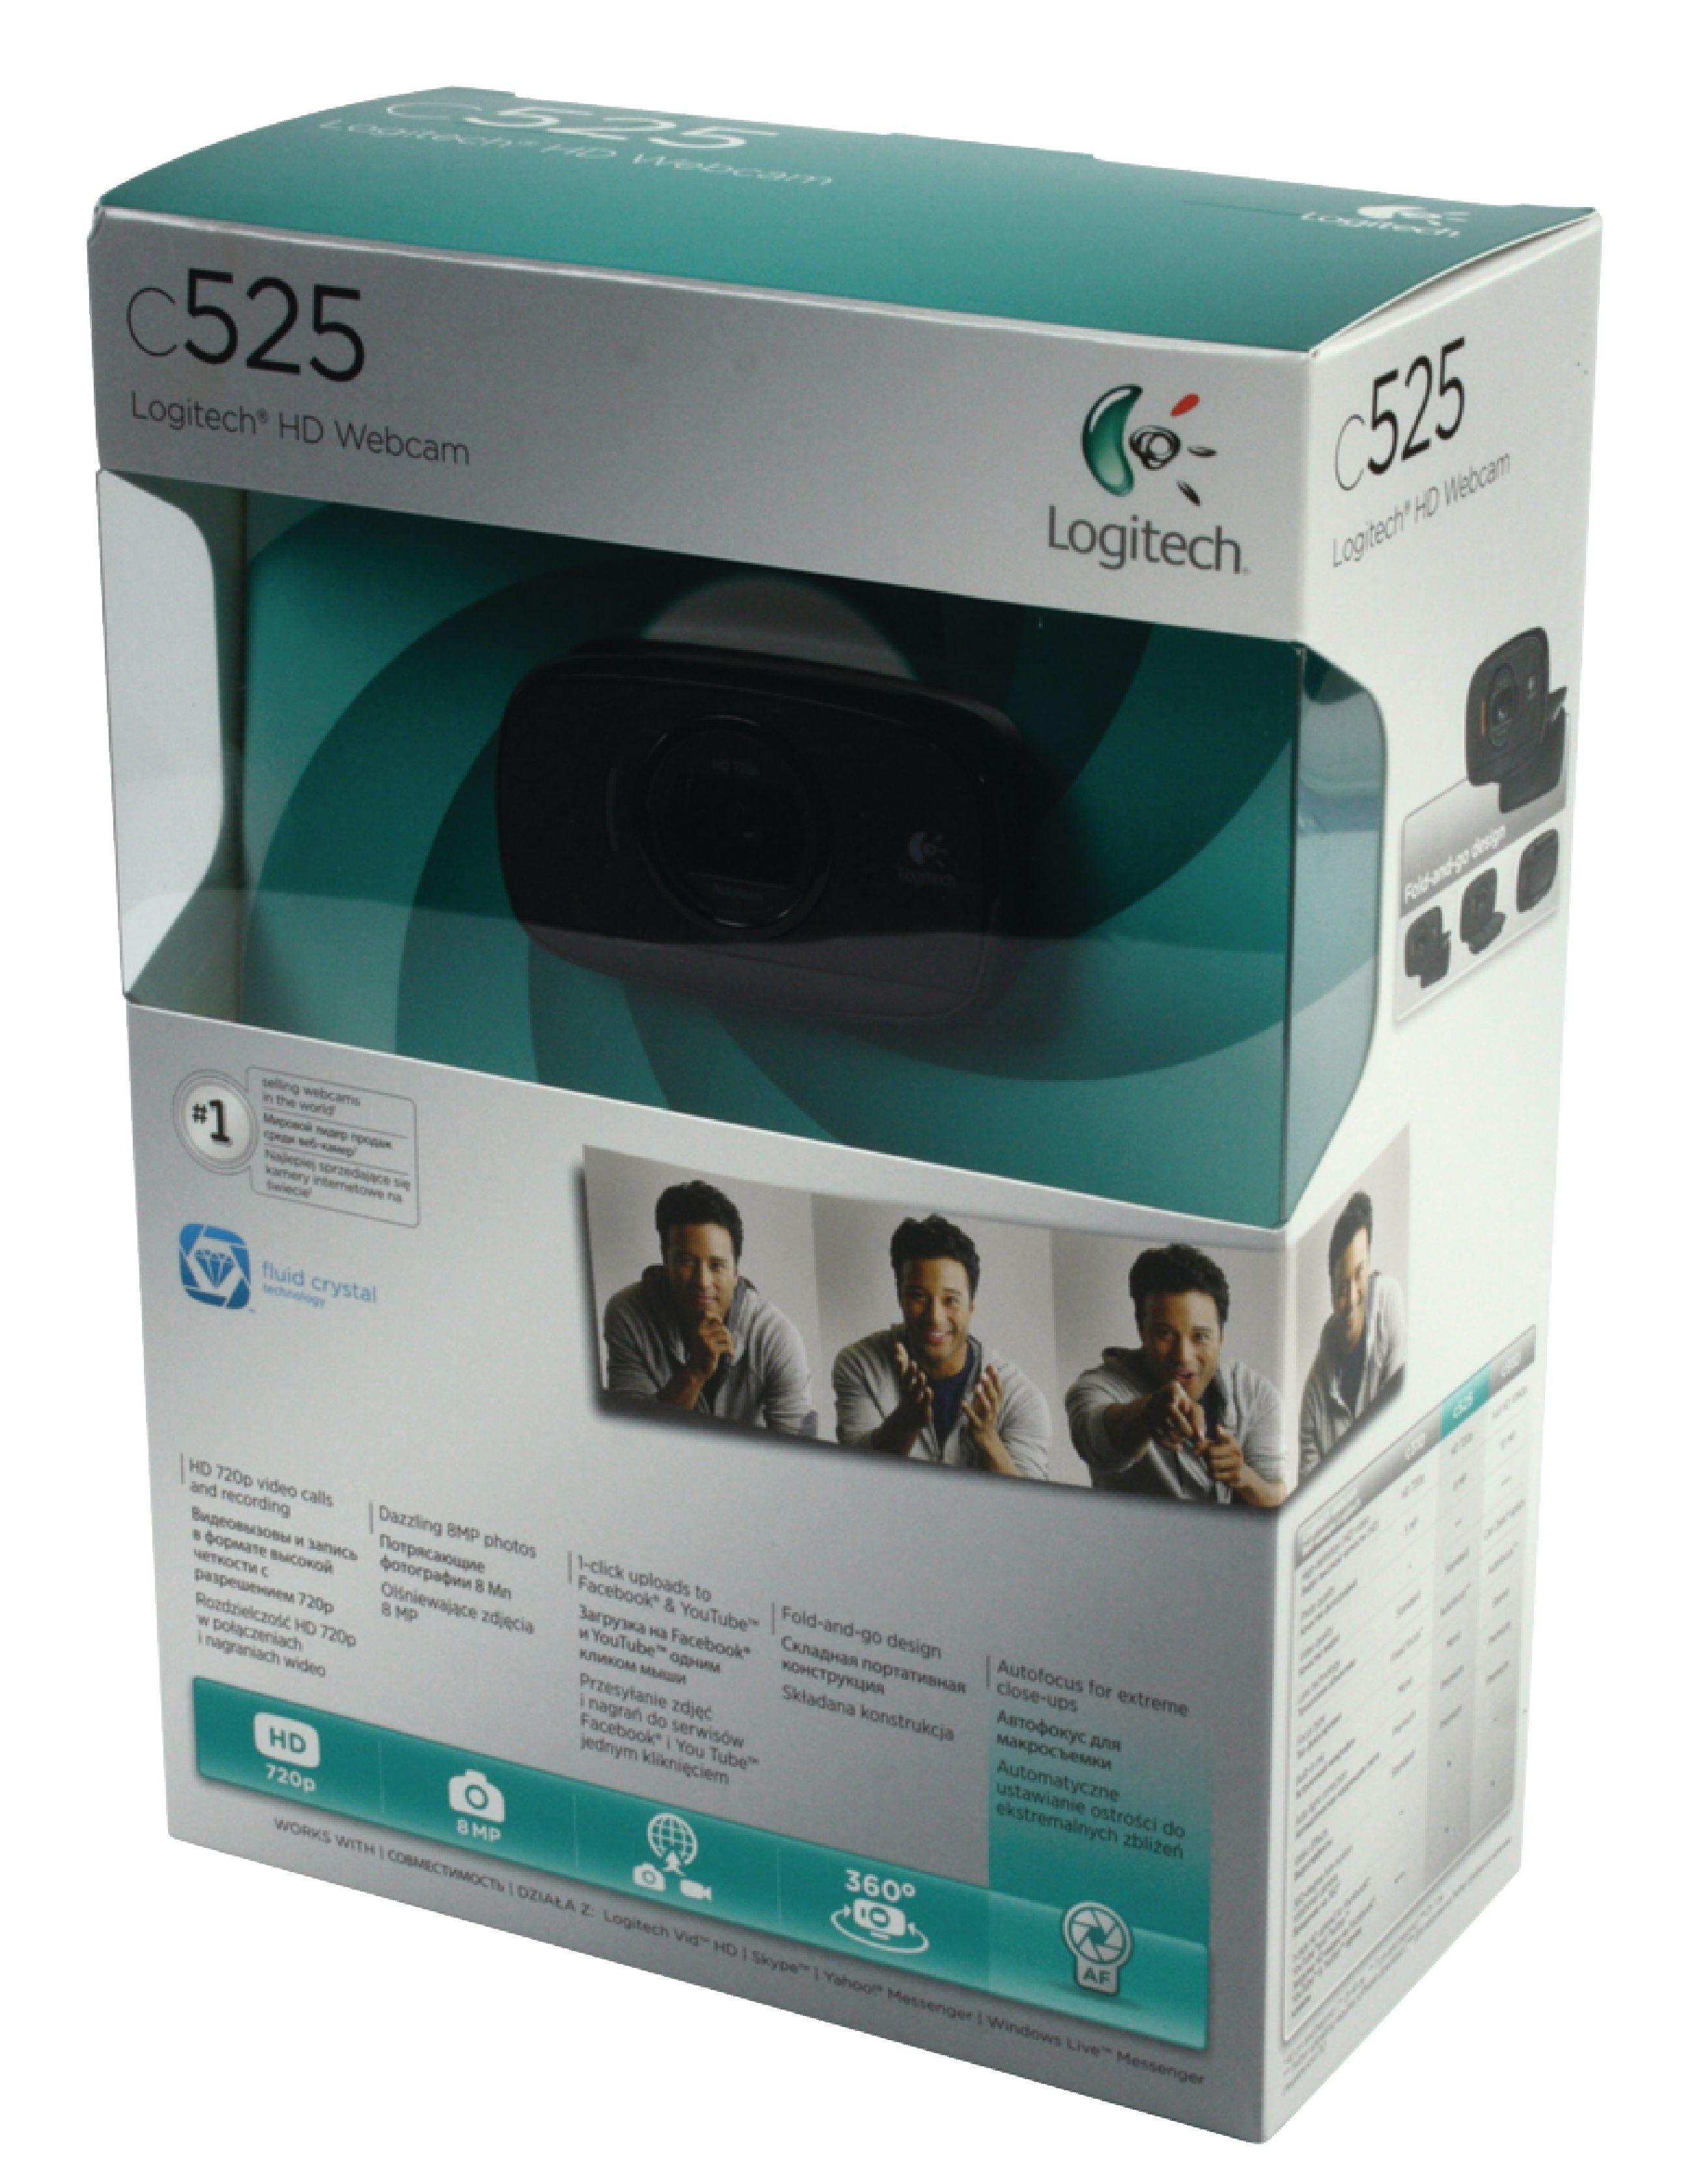 Скачать Драйвер Для Веб Камеры Logitech Hd 720p